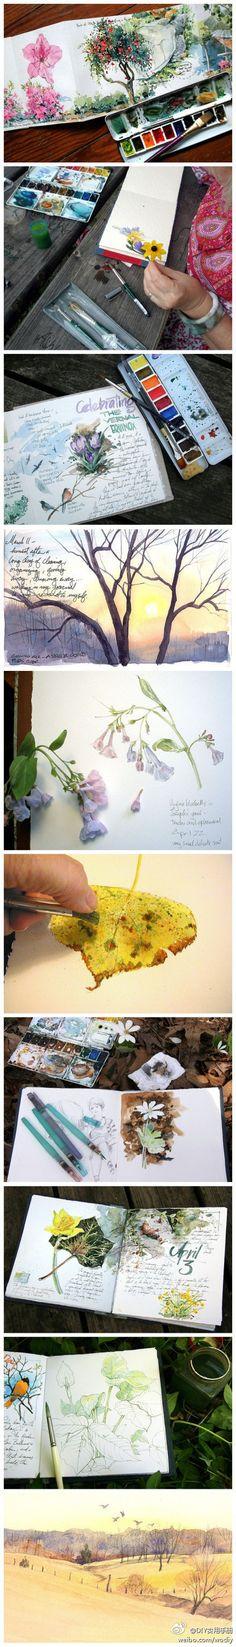 Nature sketchbook journal, sketchbook, idea, inspiration, craft